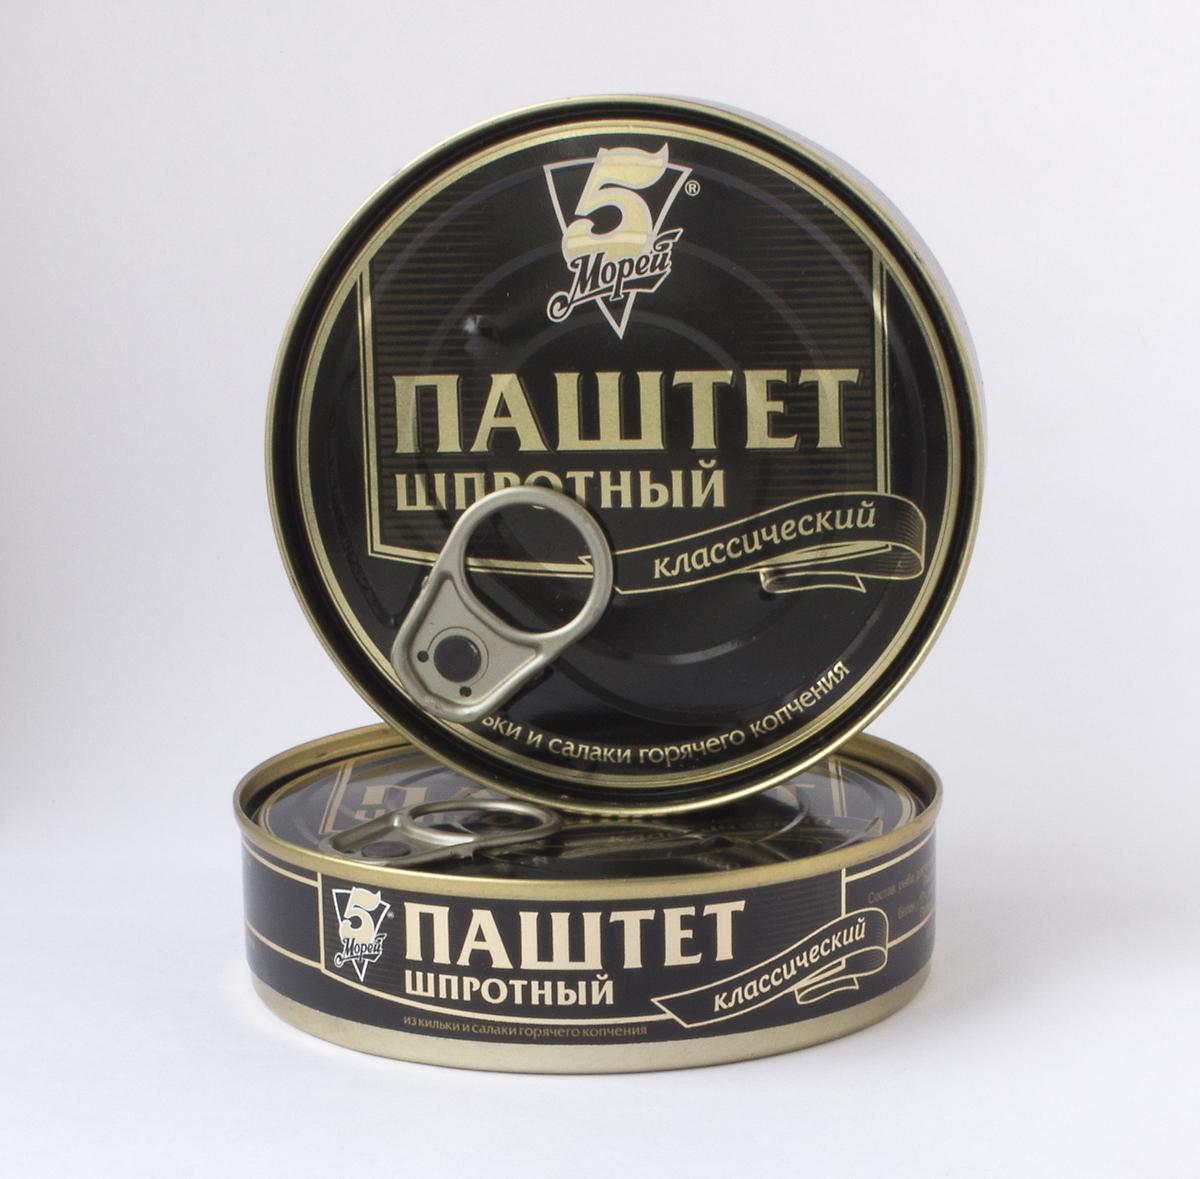 5 Морей Паштет шпротный, 160 г